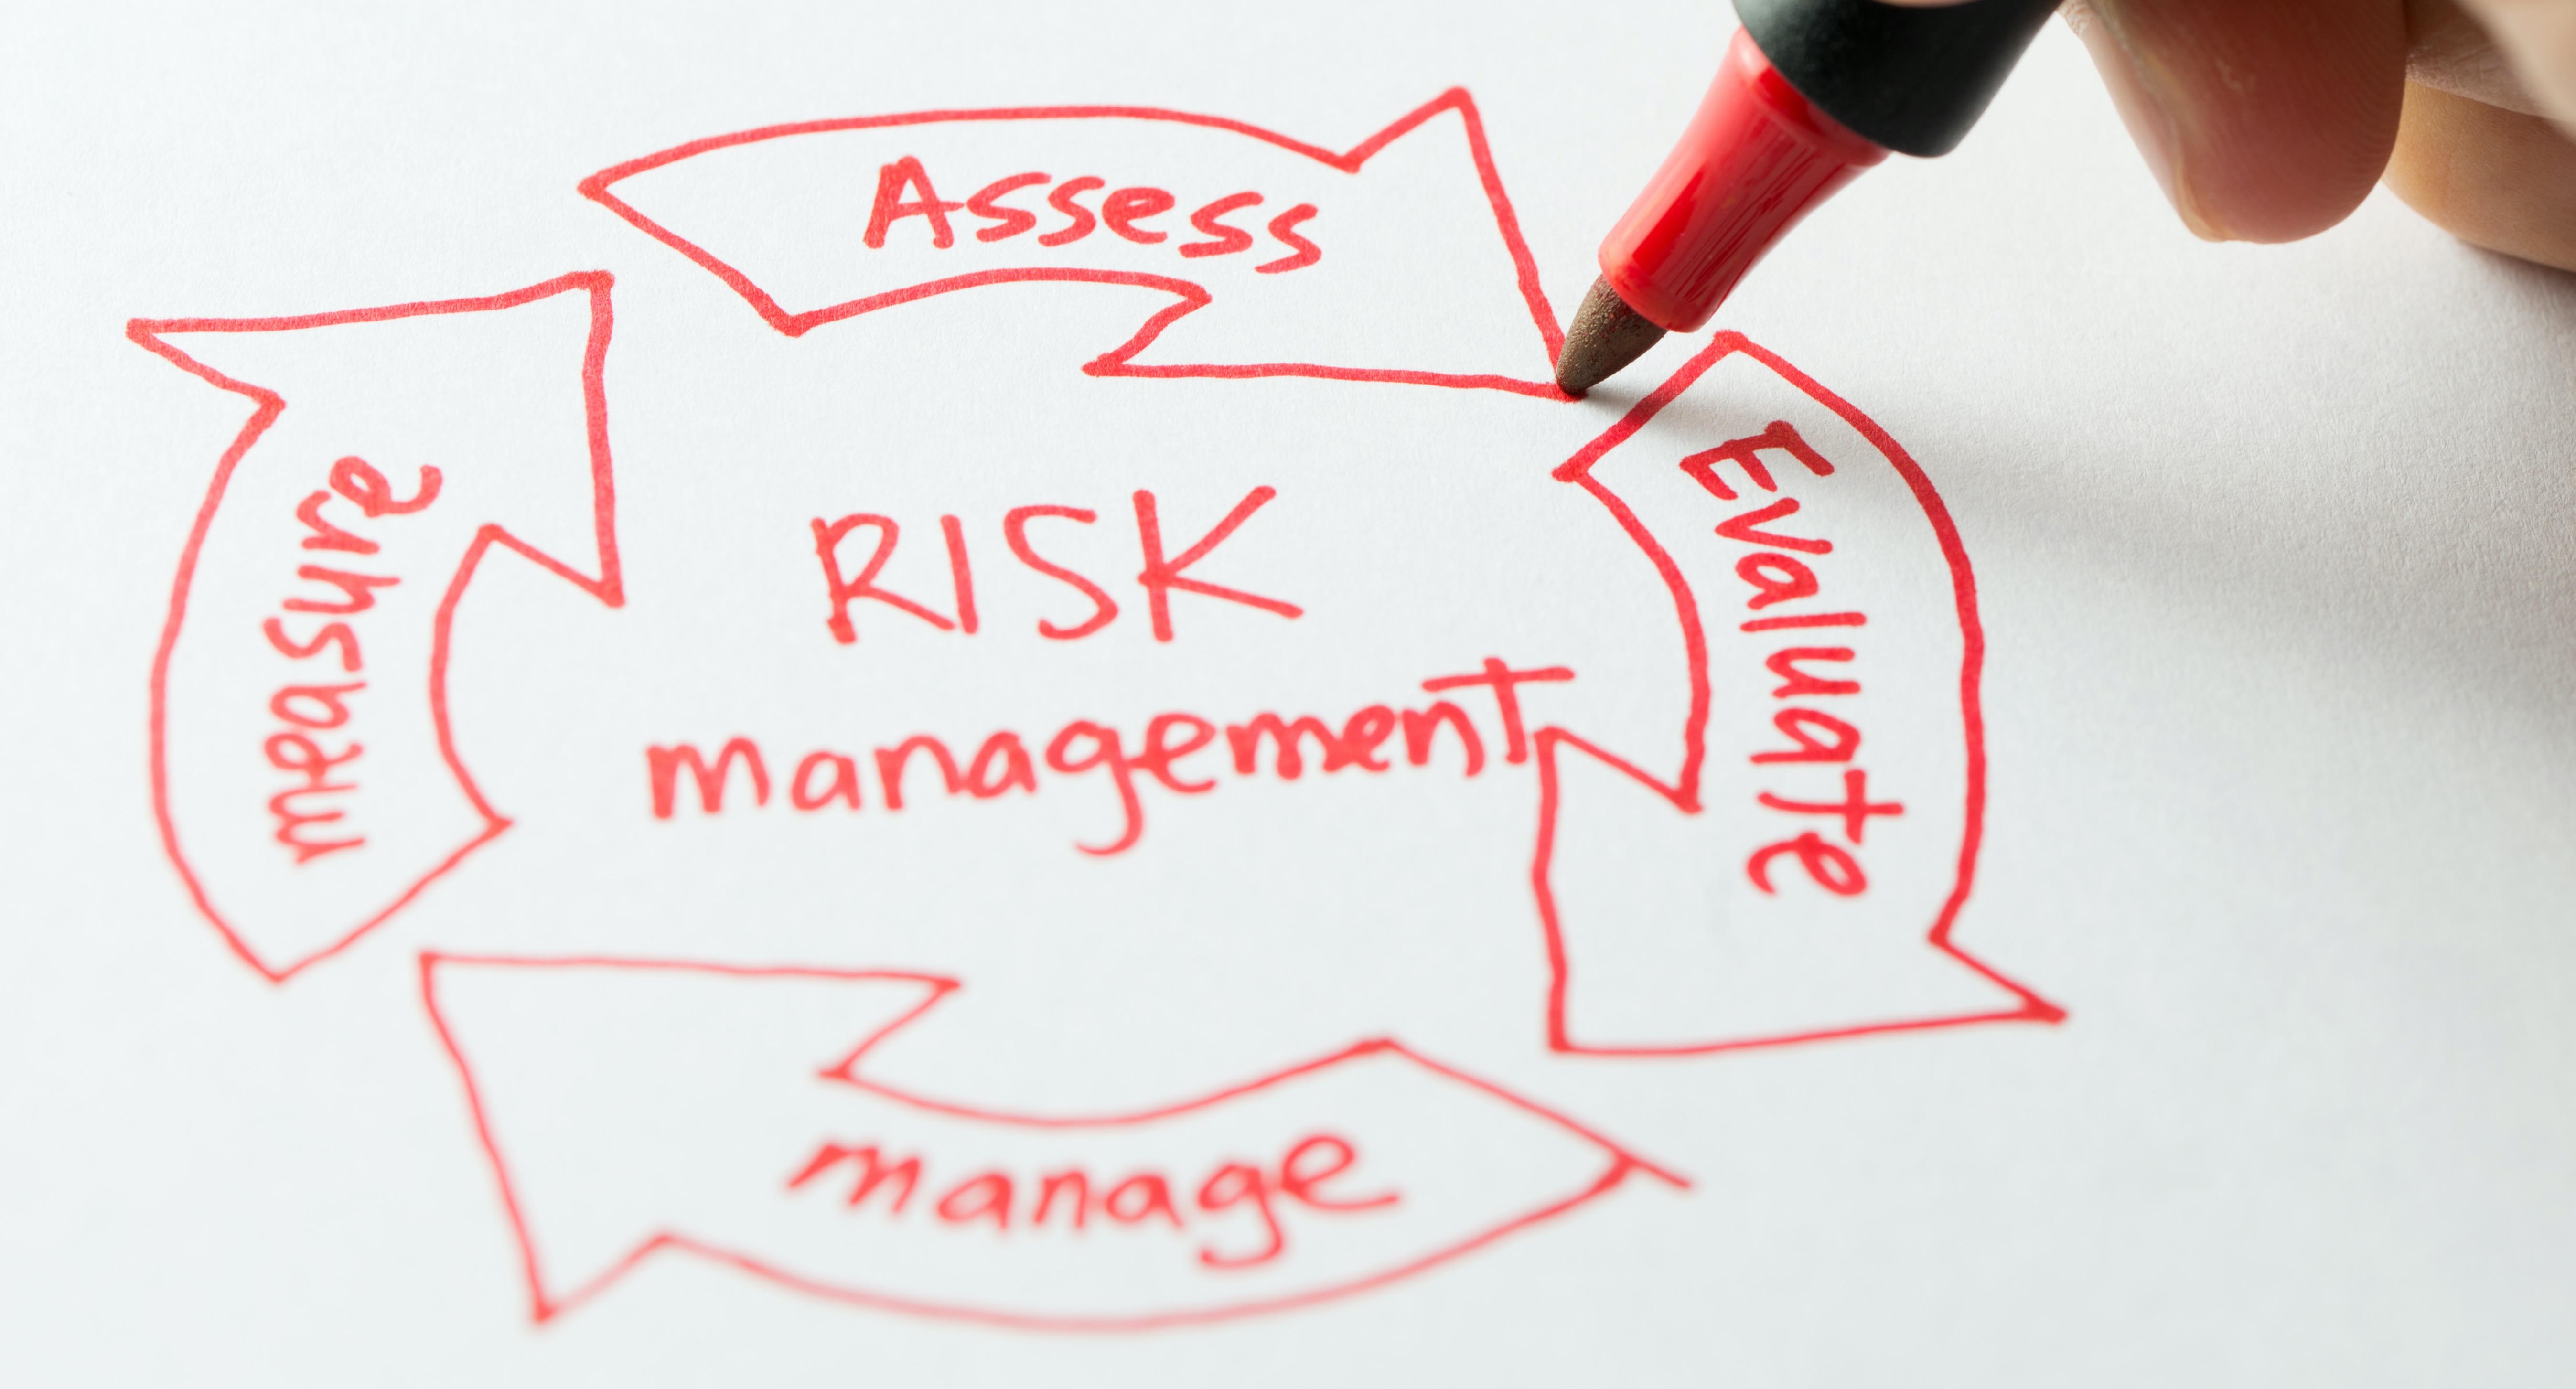 risk-management-diagram-PBXFP9V